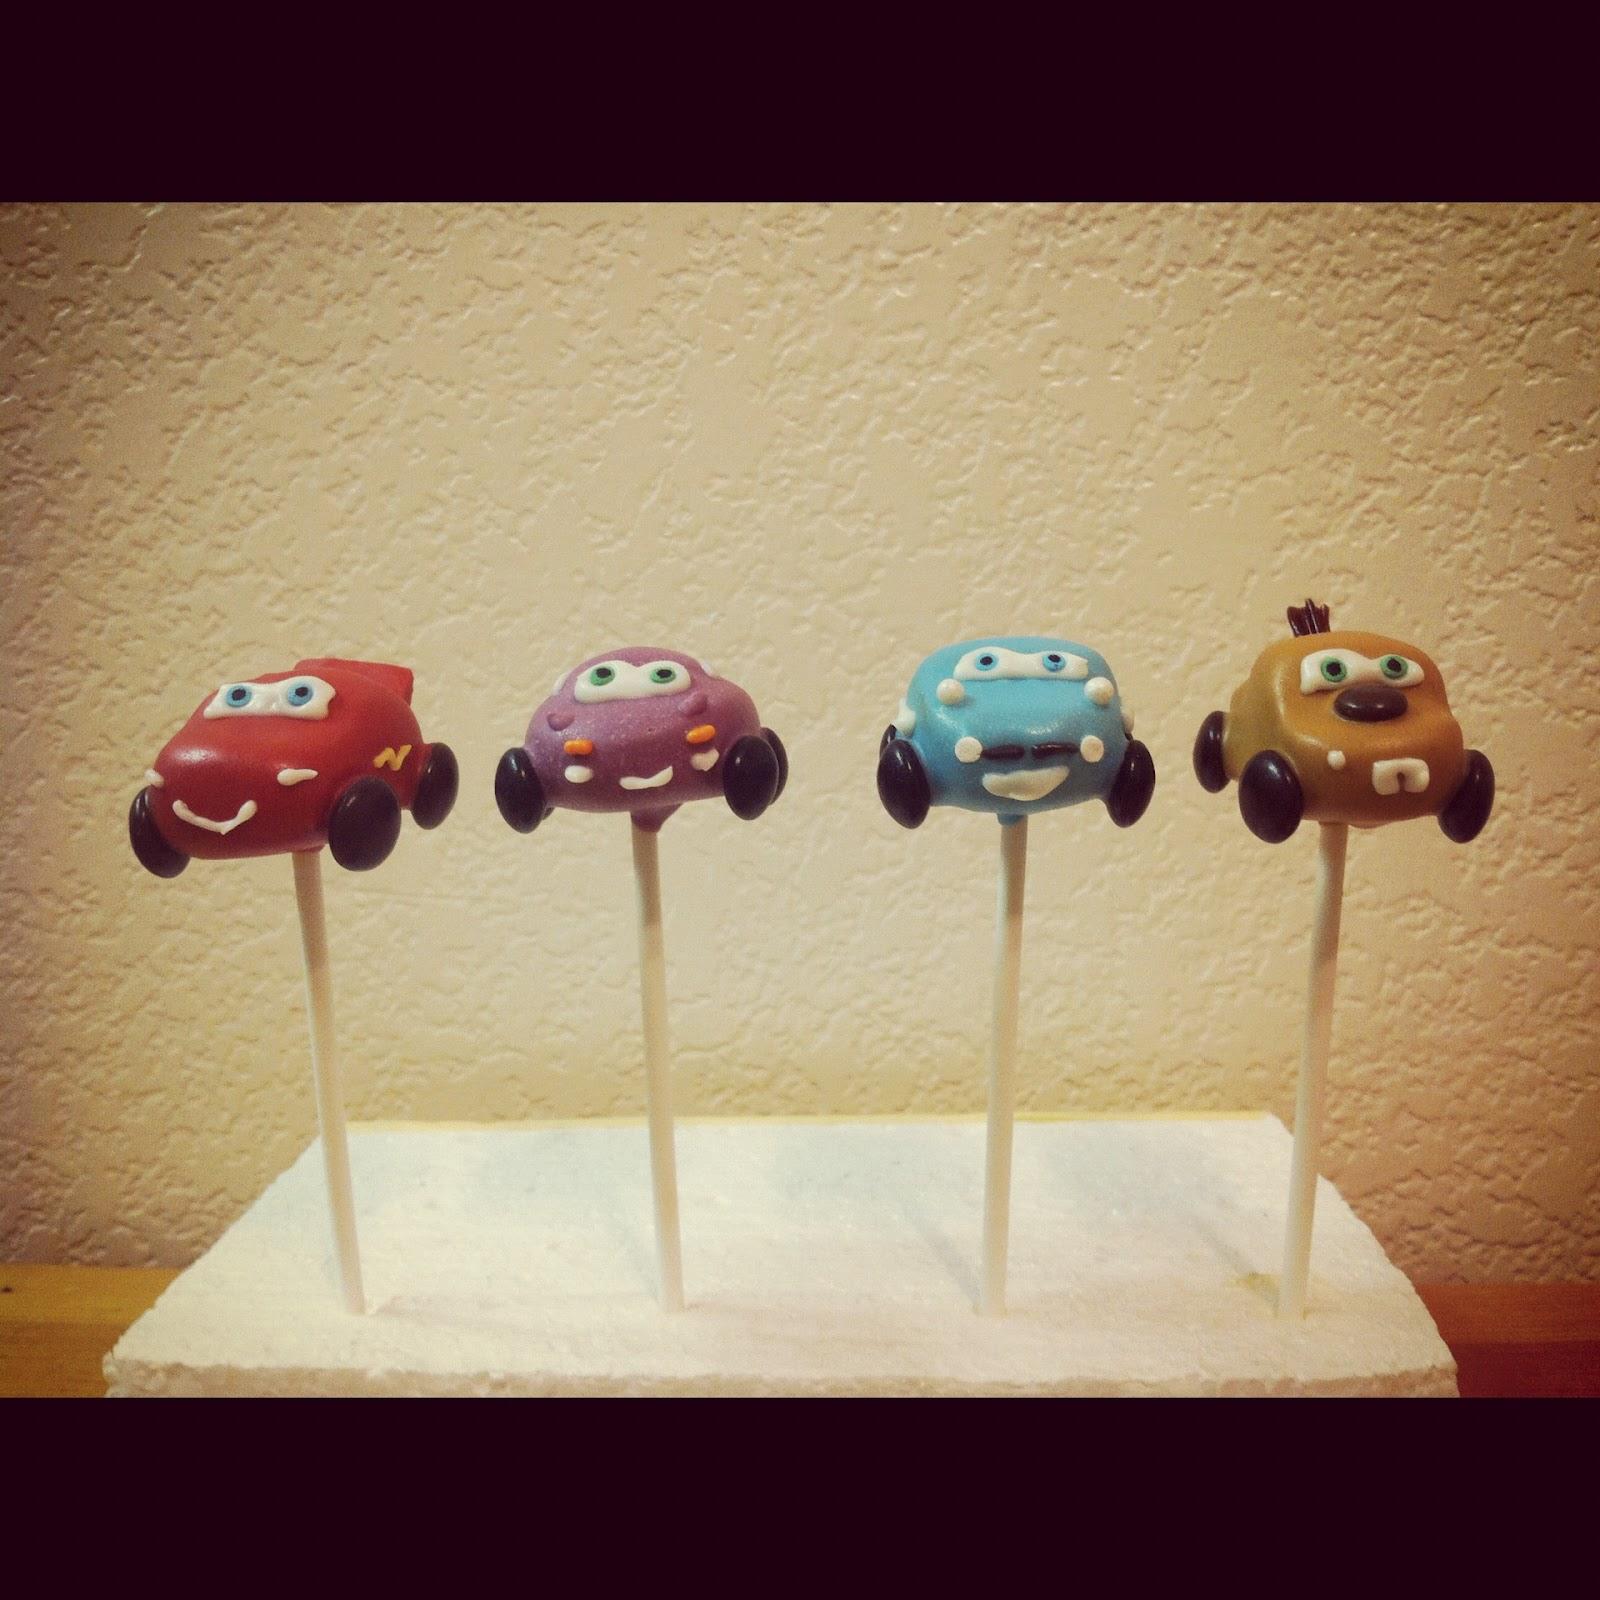 http://4.bp.blogspot.com/-tBYasq6b2UA/UBaYpRiTtNI/AAAAAAAABz0/nmz-TRjTFIU/s1600/1cars2-cake-pops.JPG